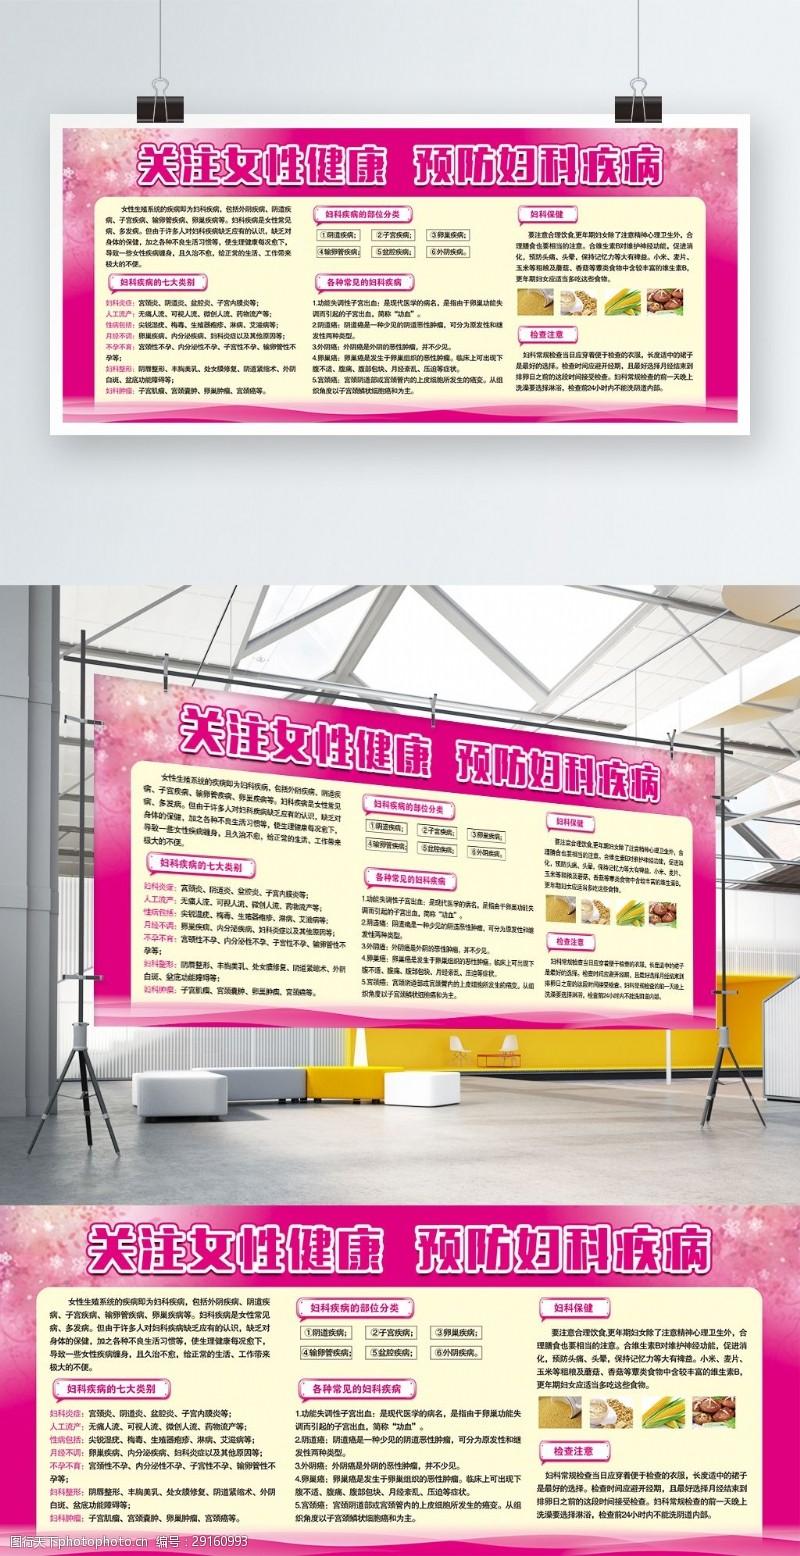 粉色简约关注女性健康预防妇科疾病医疗展板